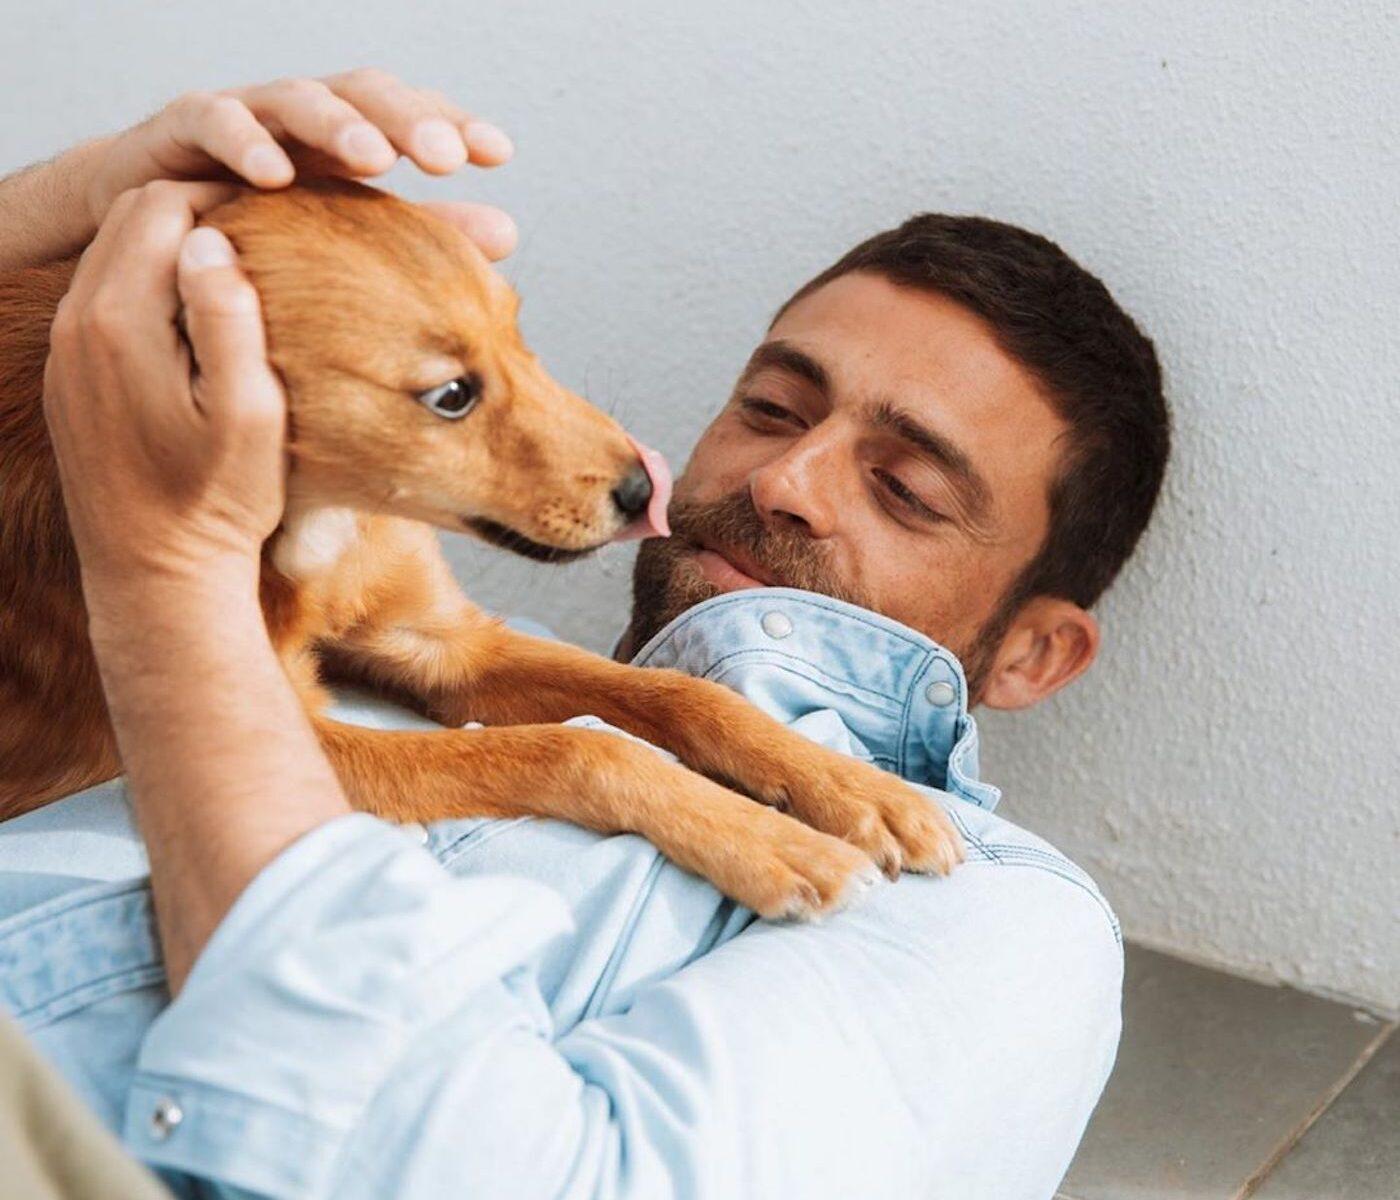 Diogo Amaral Lobo E1586120400796 Diogo Amaral De &Quot;Coração Apertado&Quot; Por Causa Do Seu 'Cãopanheiro'